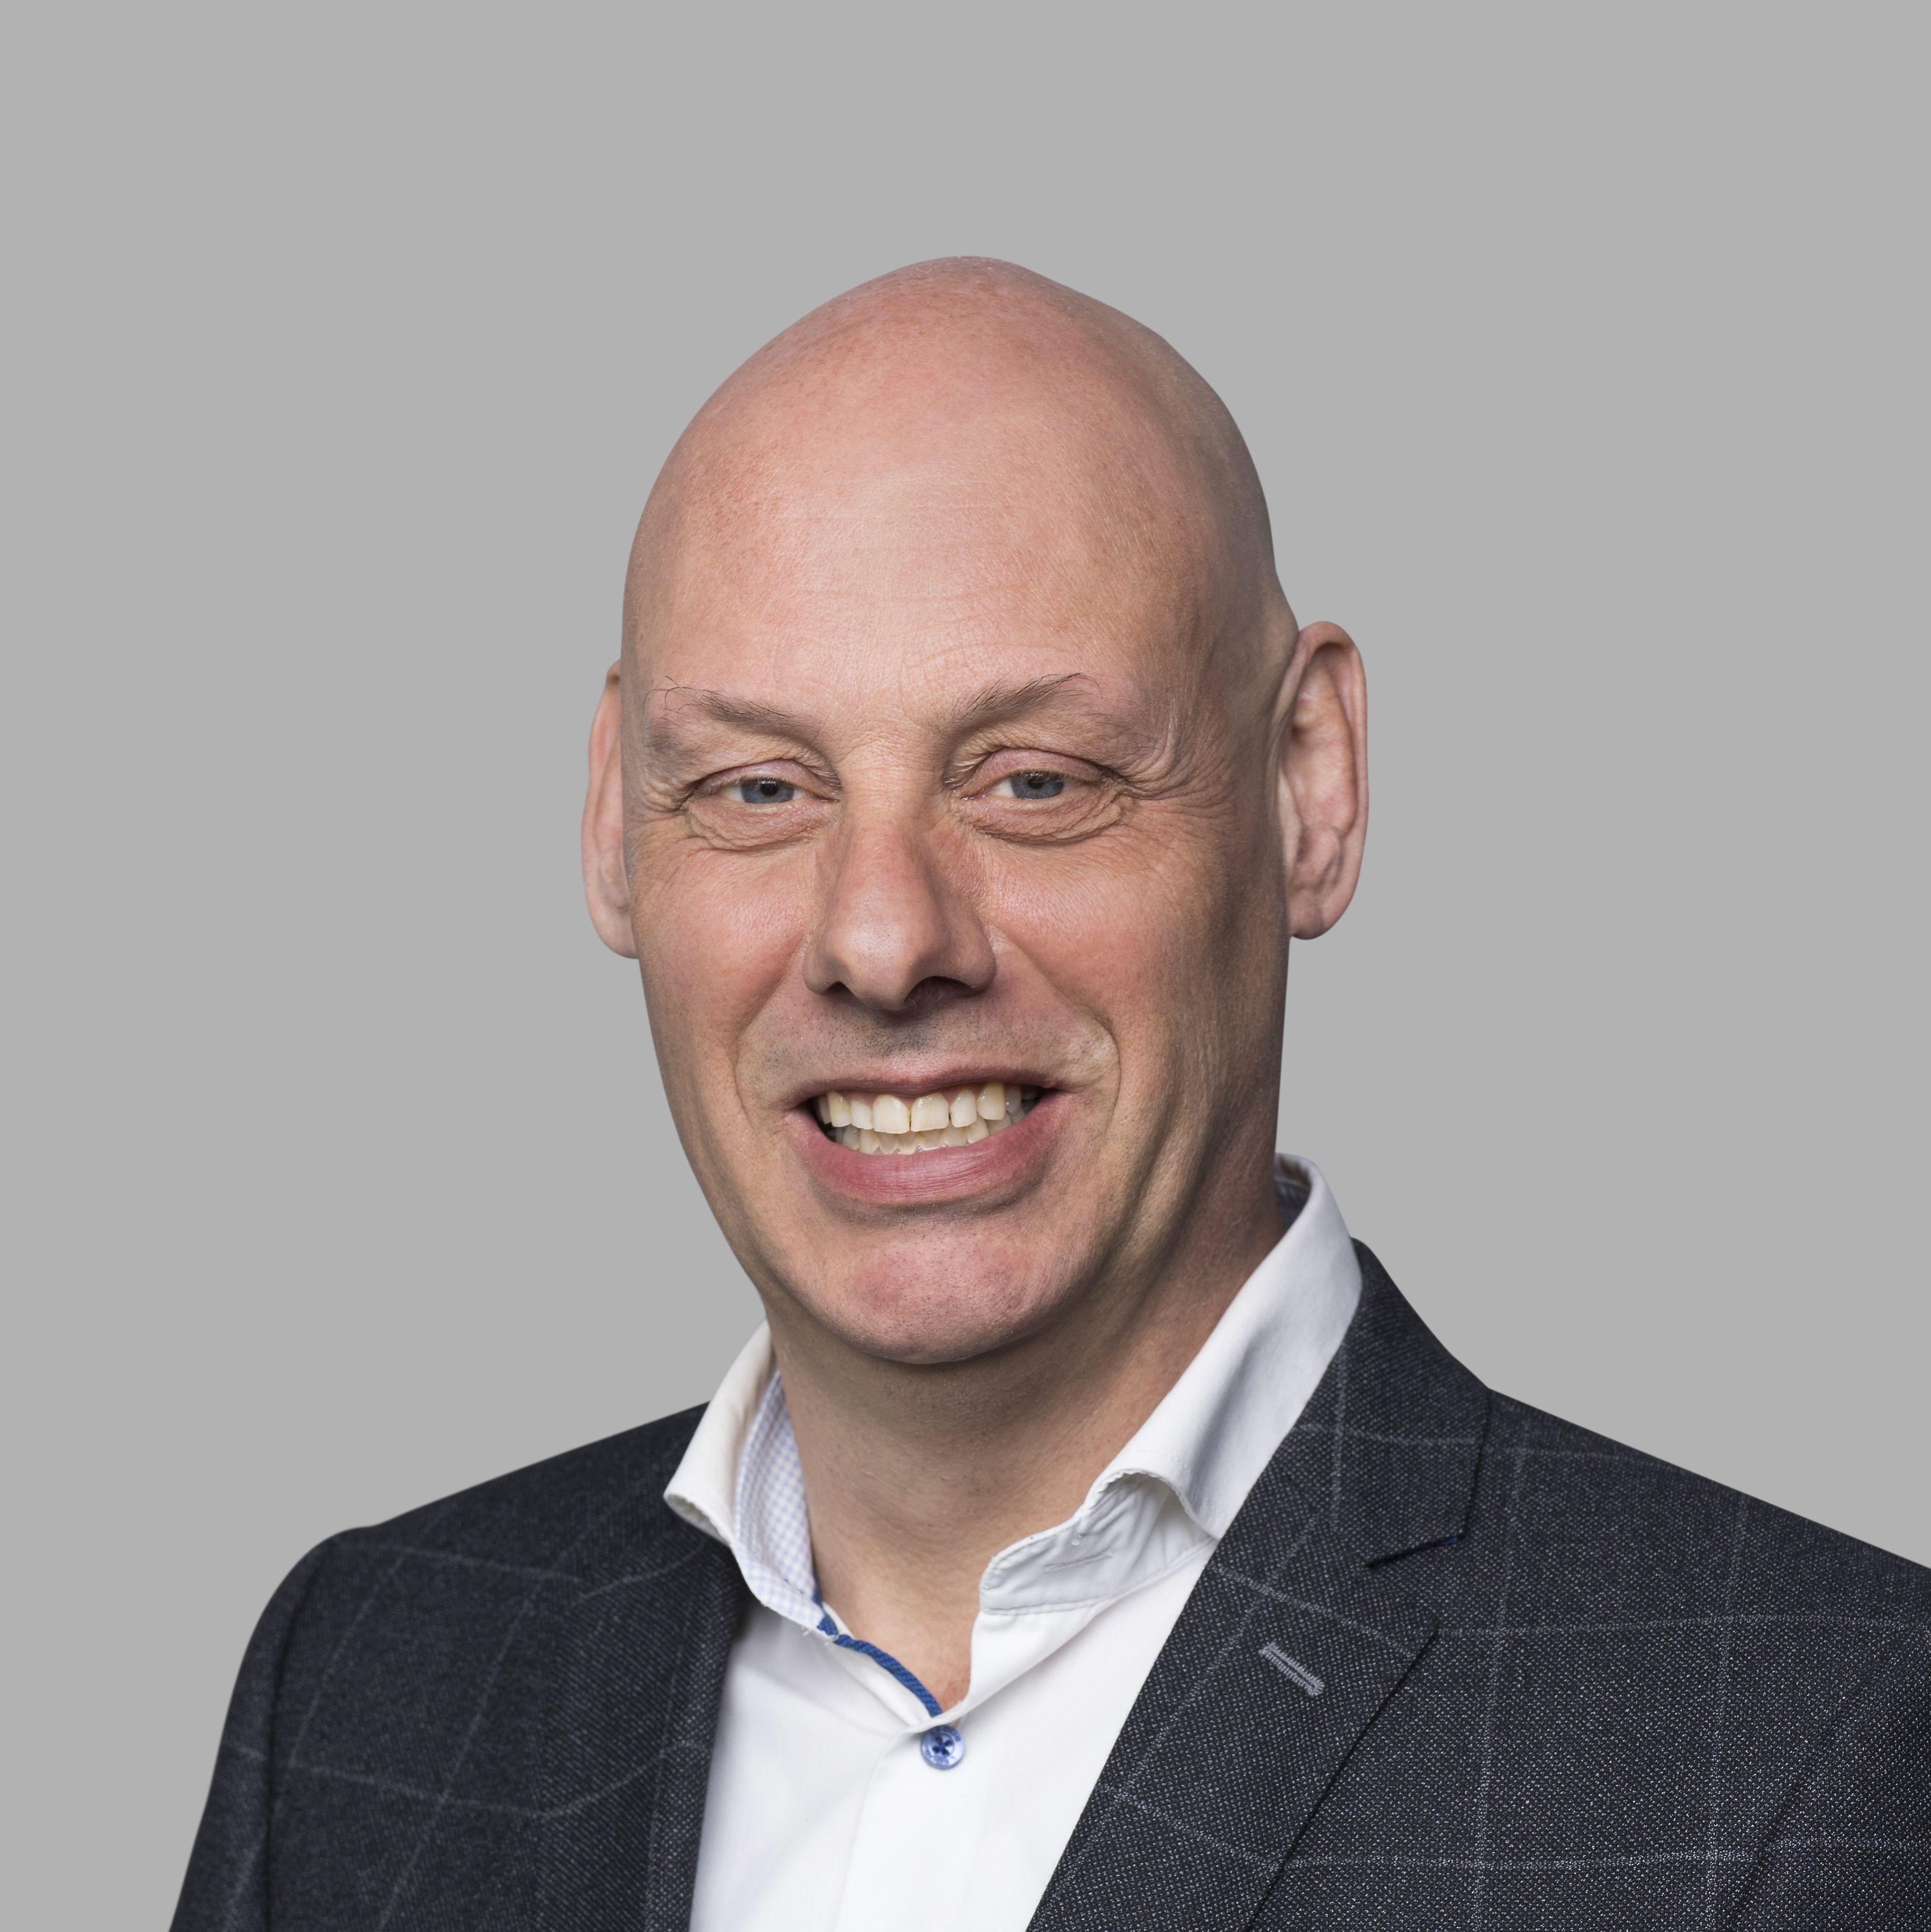 Peter Verstoep